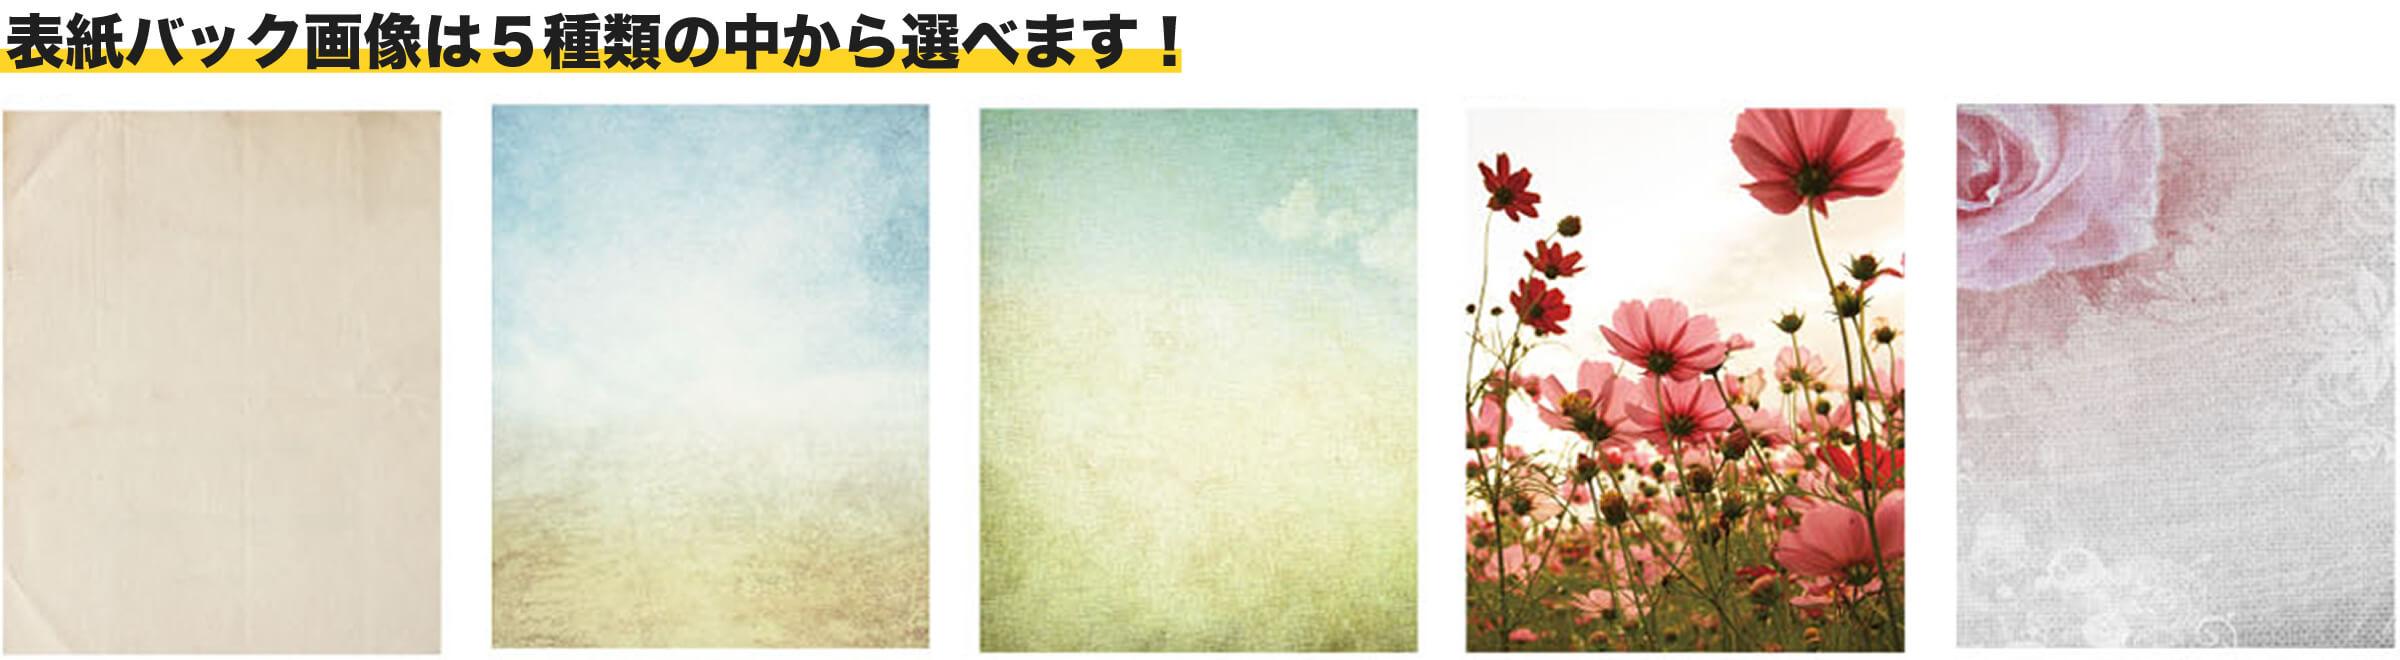 表紙バック画像は5種類の中から選べます!